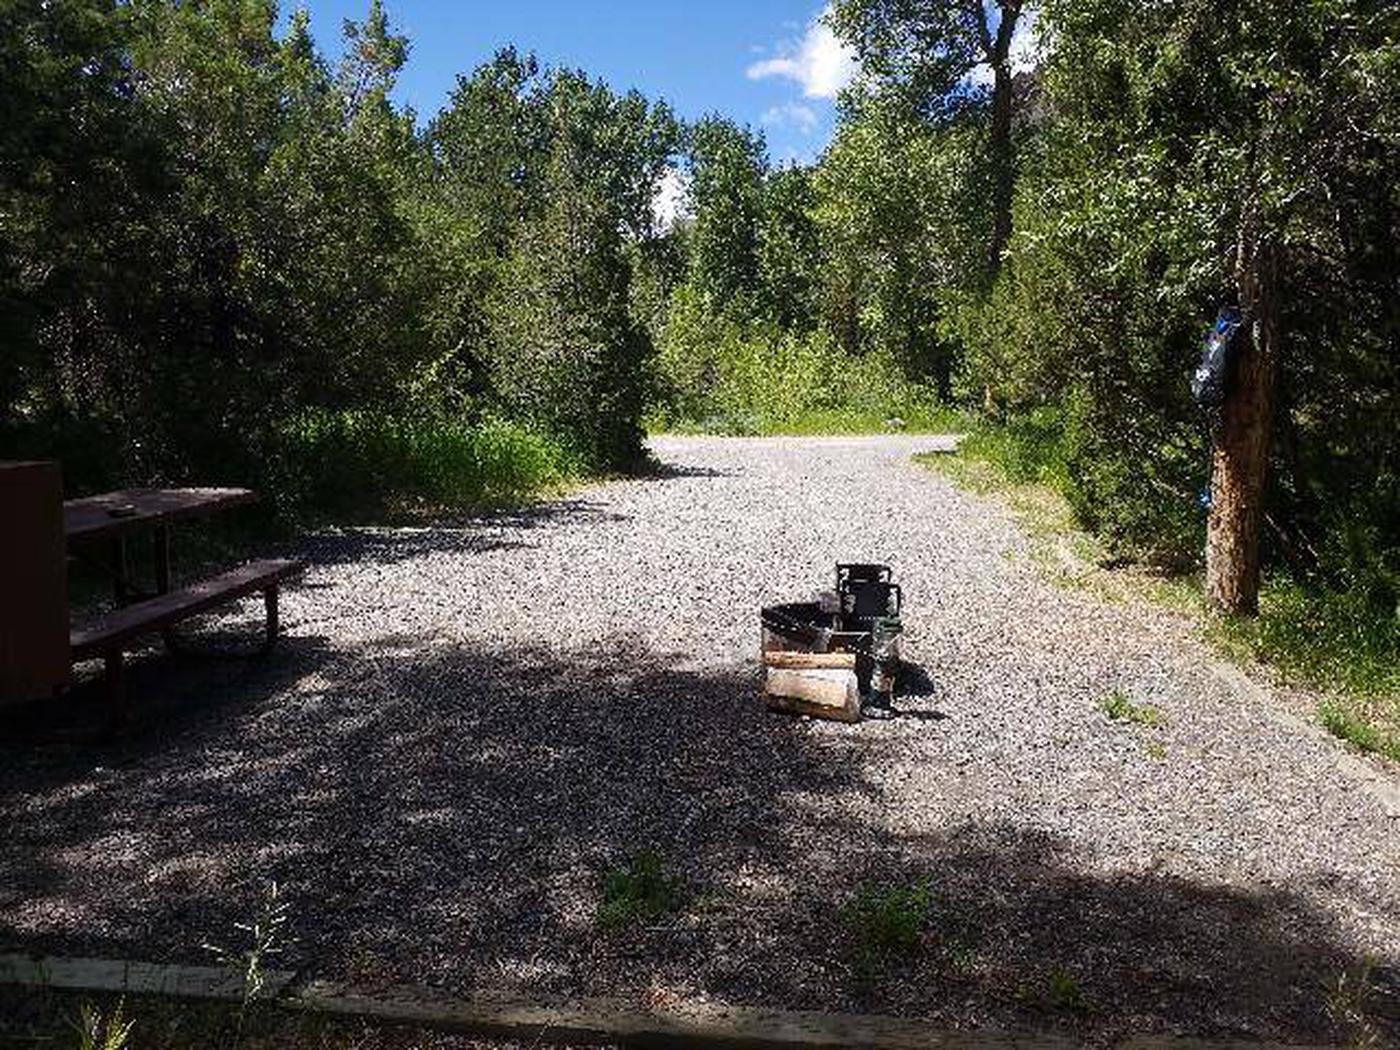 Wapiti Campsite 27 - Back View of Picnic Area